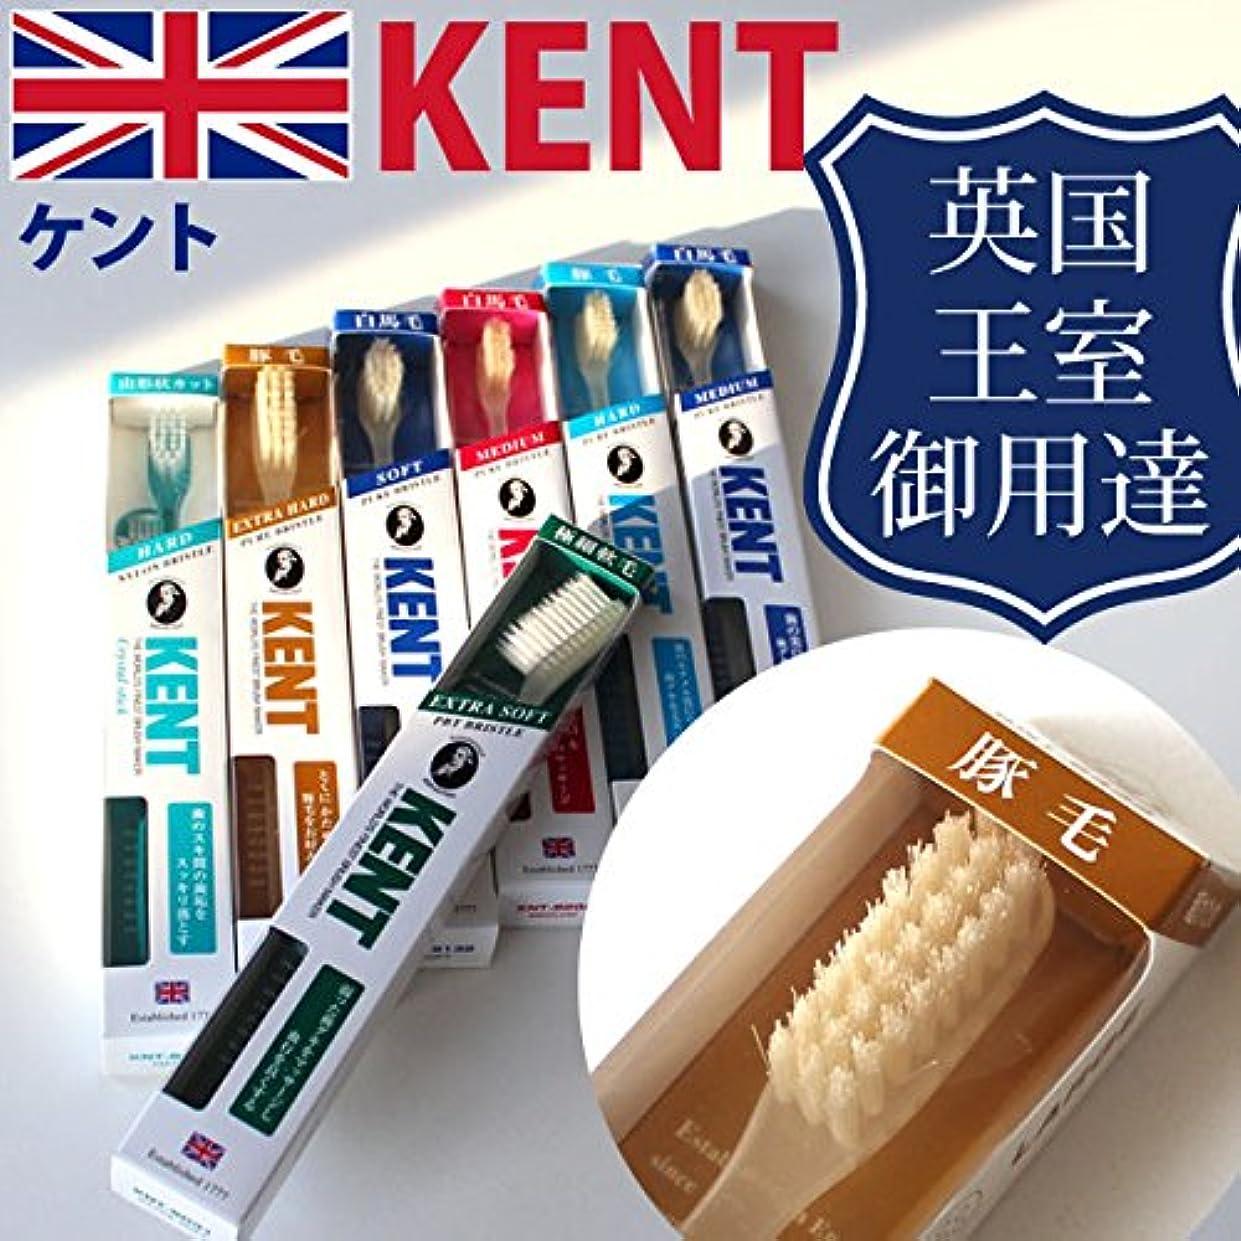 非公式化学薬品キャベツケント KENT 豚毛 ラージヘッド 歯ブラシKNT-9433 超かため 6本入り しっかり磨ける天然毛のラジヘ